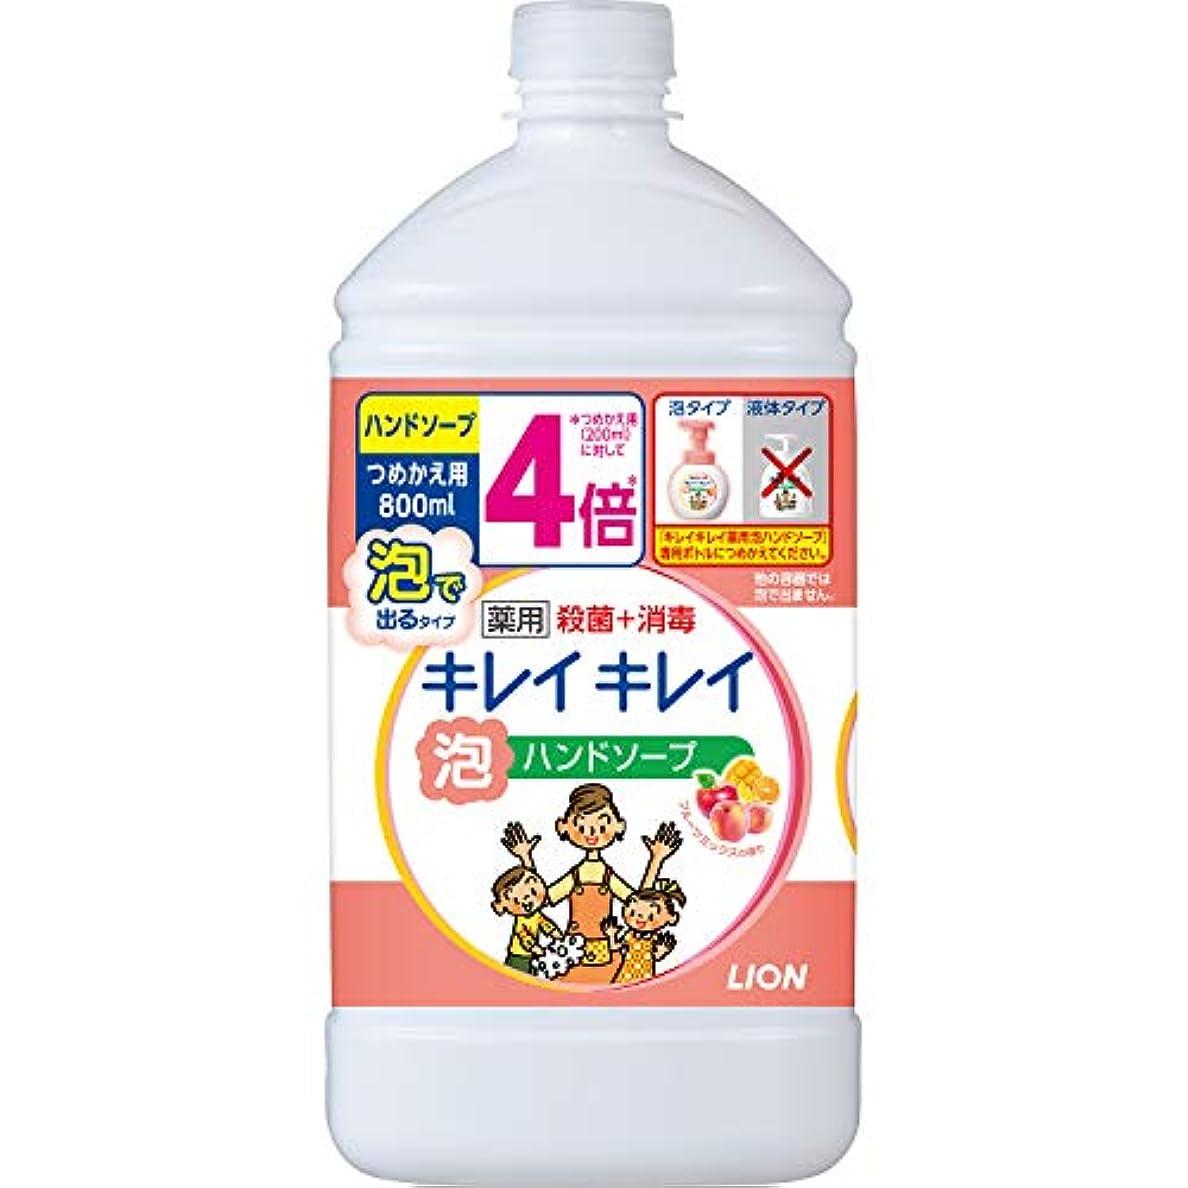 回路受動的(医薬部外品)【大容量】キレイキレイ 薬用 泡ハンドソープ フルーツミックスの香り 詰め替え用 800ml